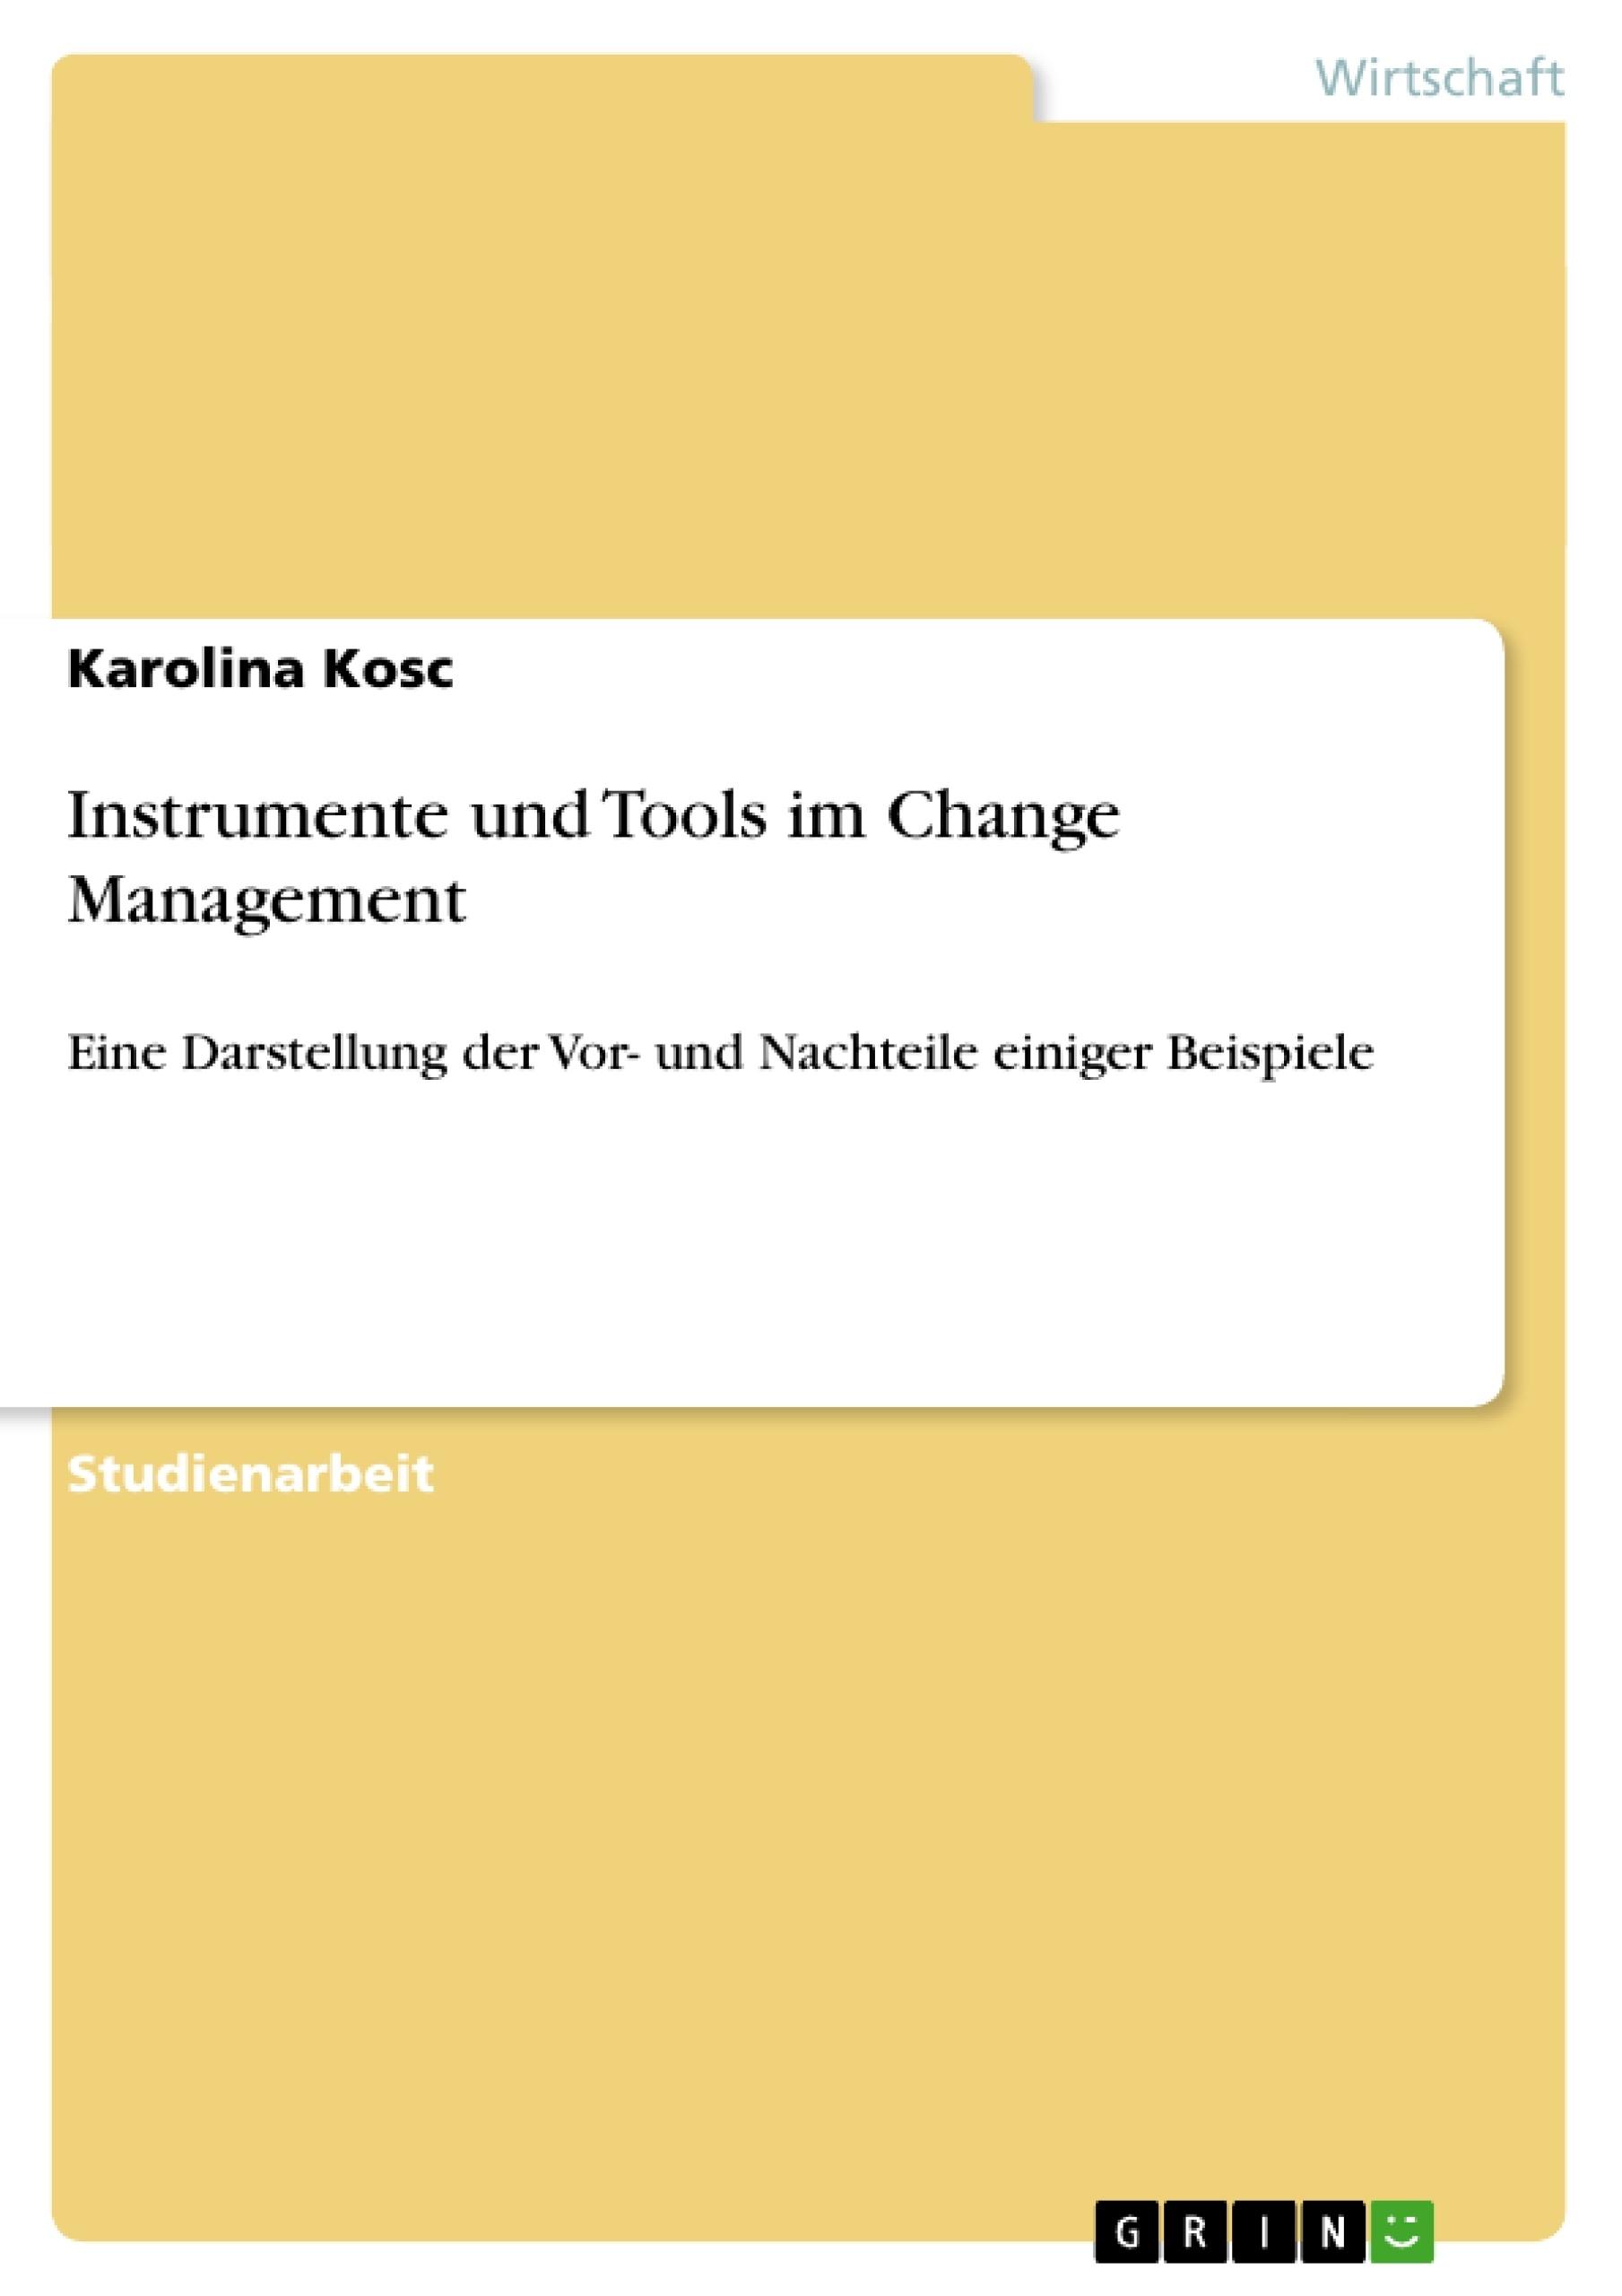 Titel: Instrumente und Tools im Change Management